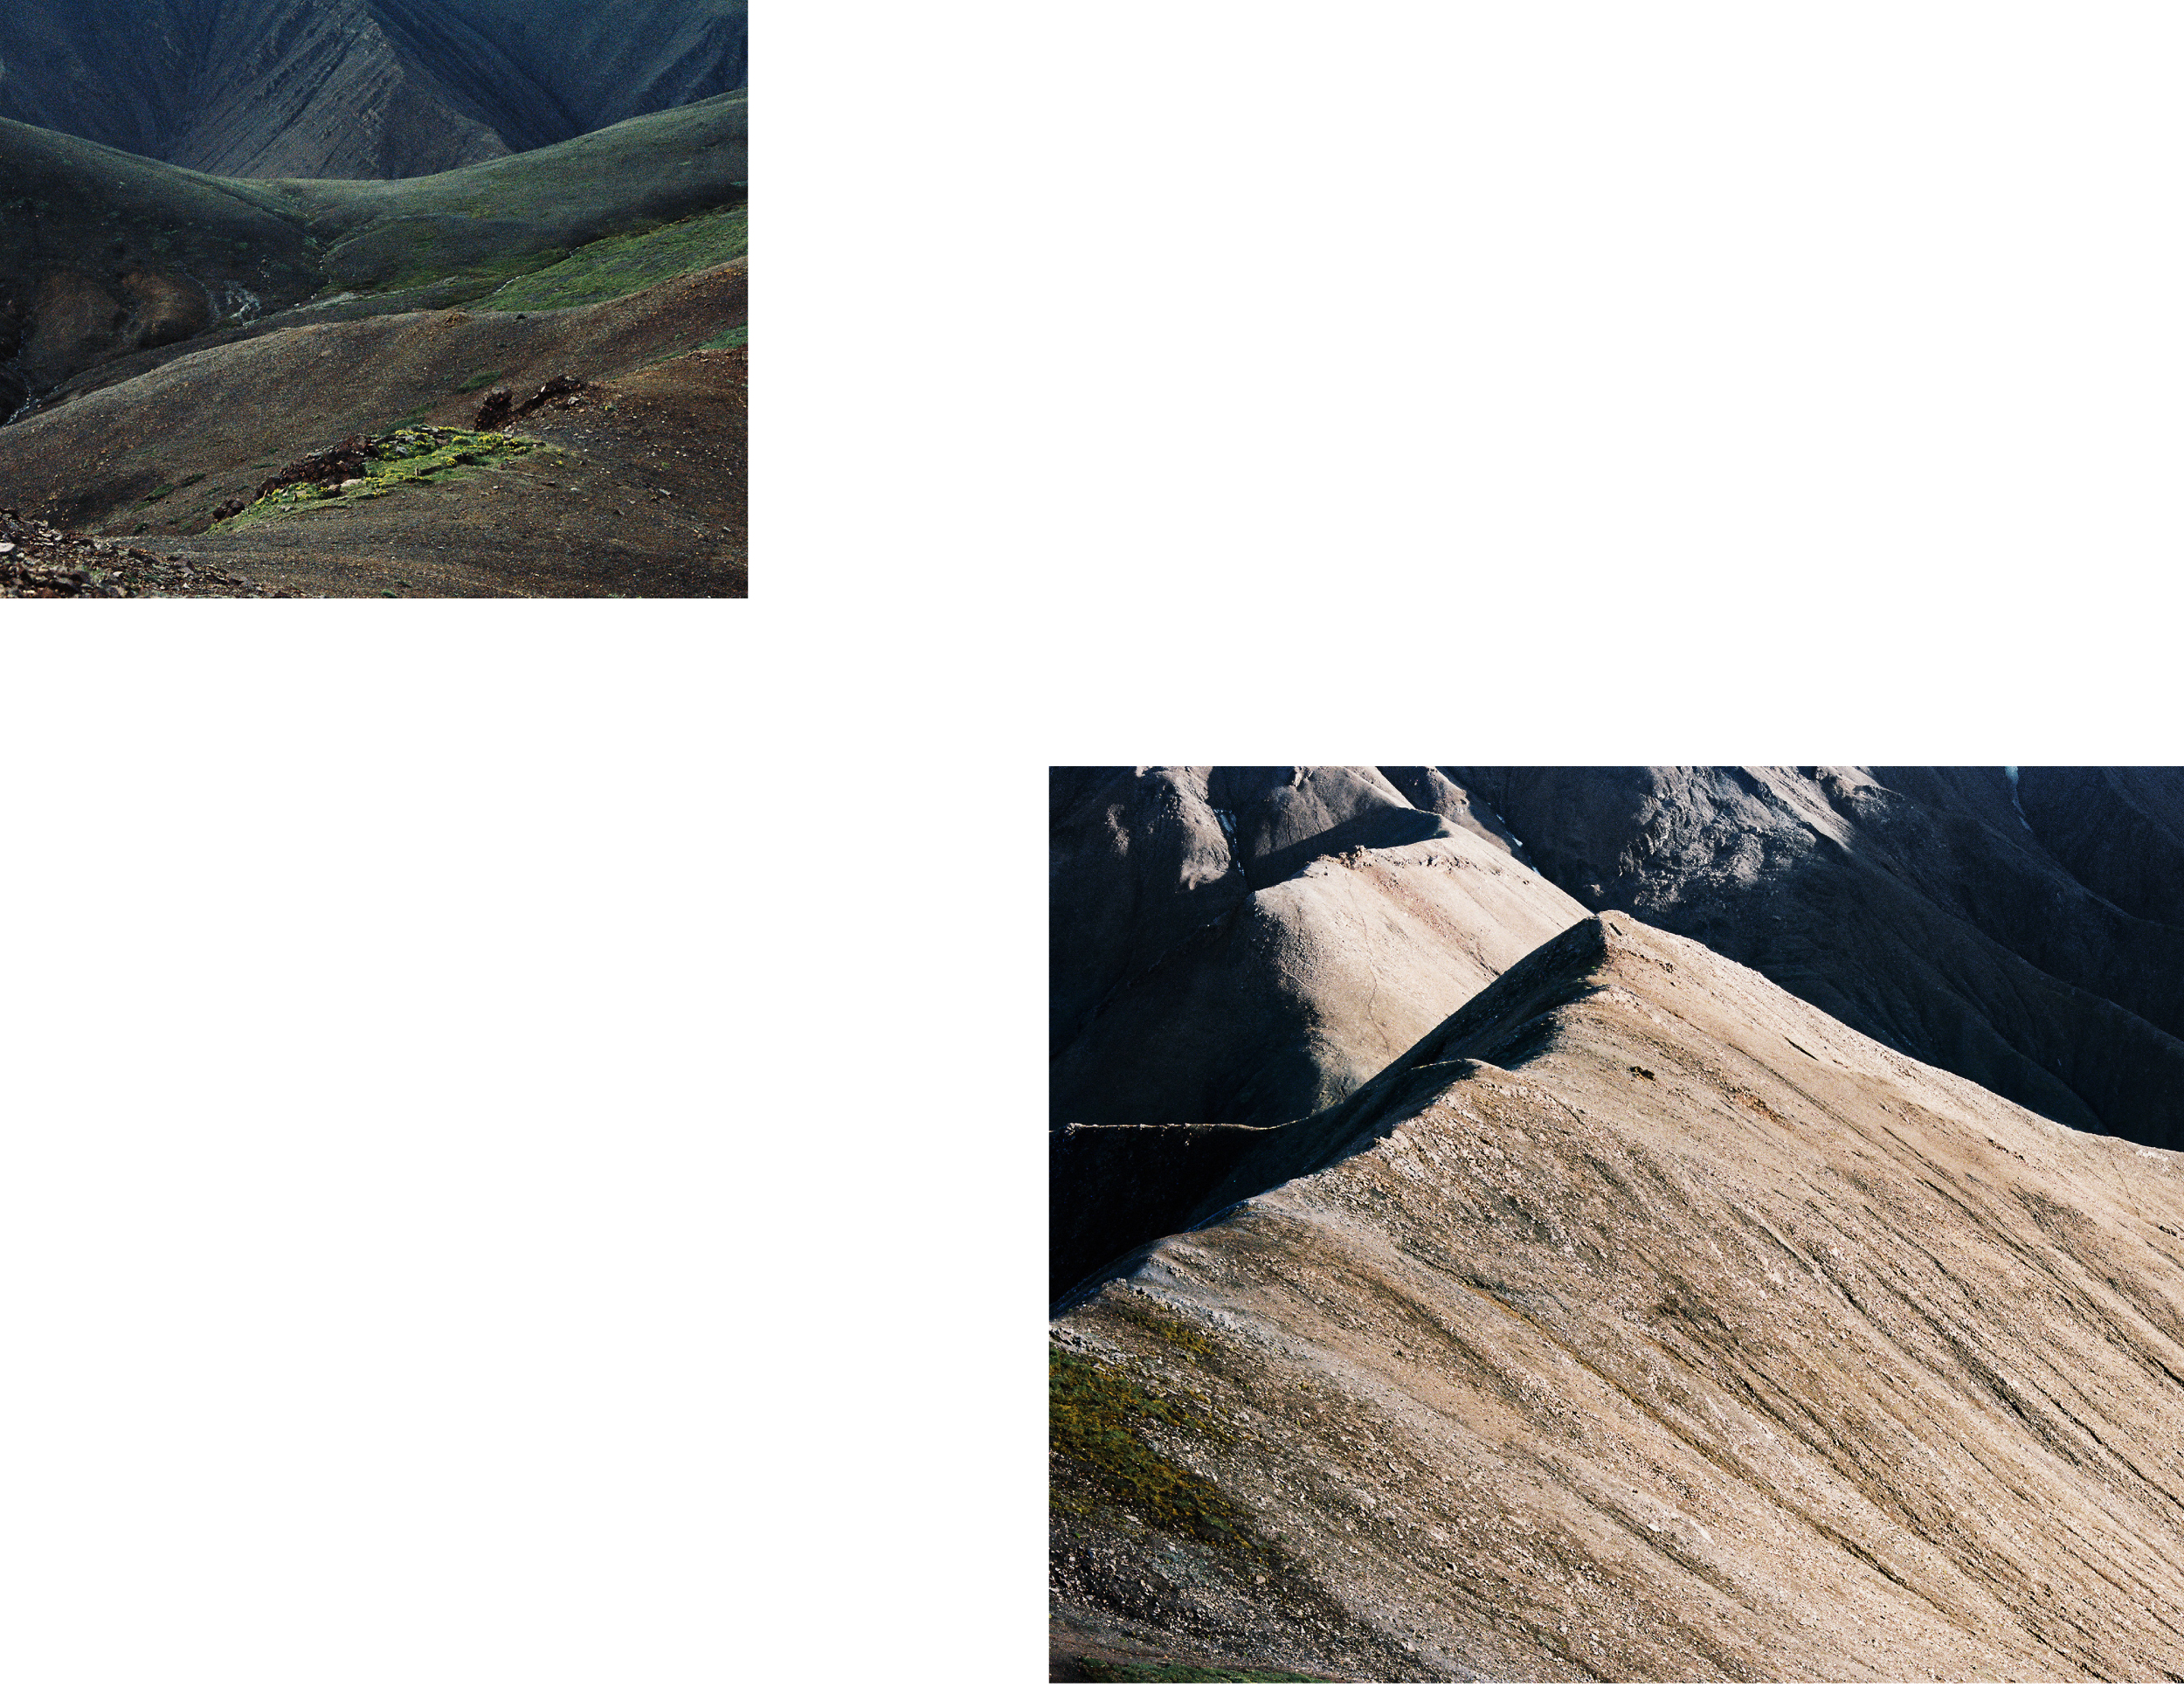 Alaska_Slide9.jpg